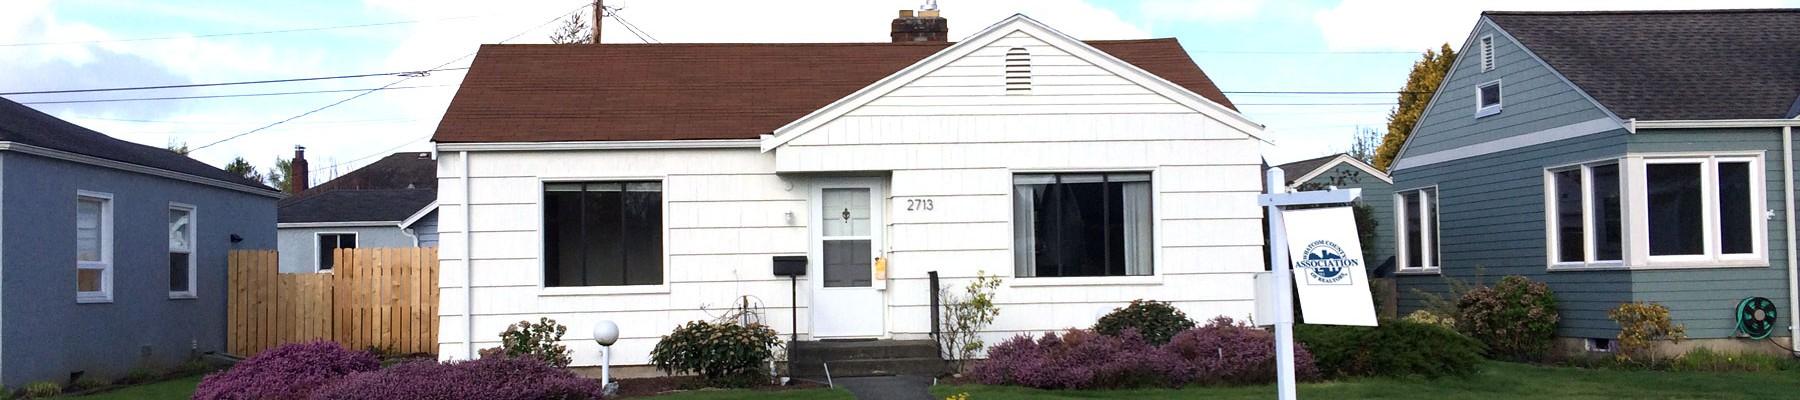 slider-house3-1800